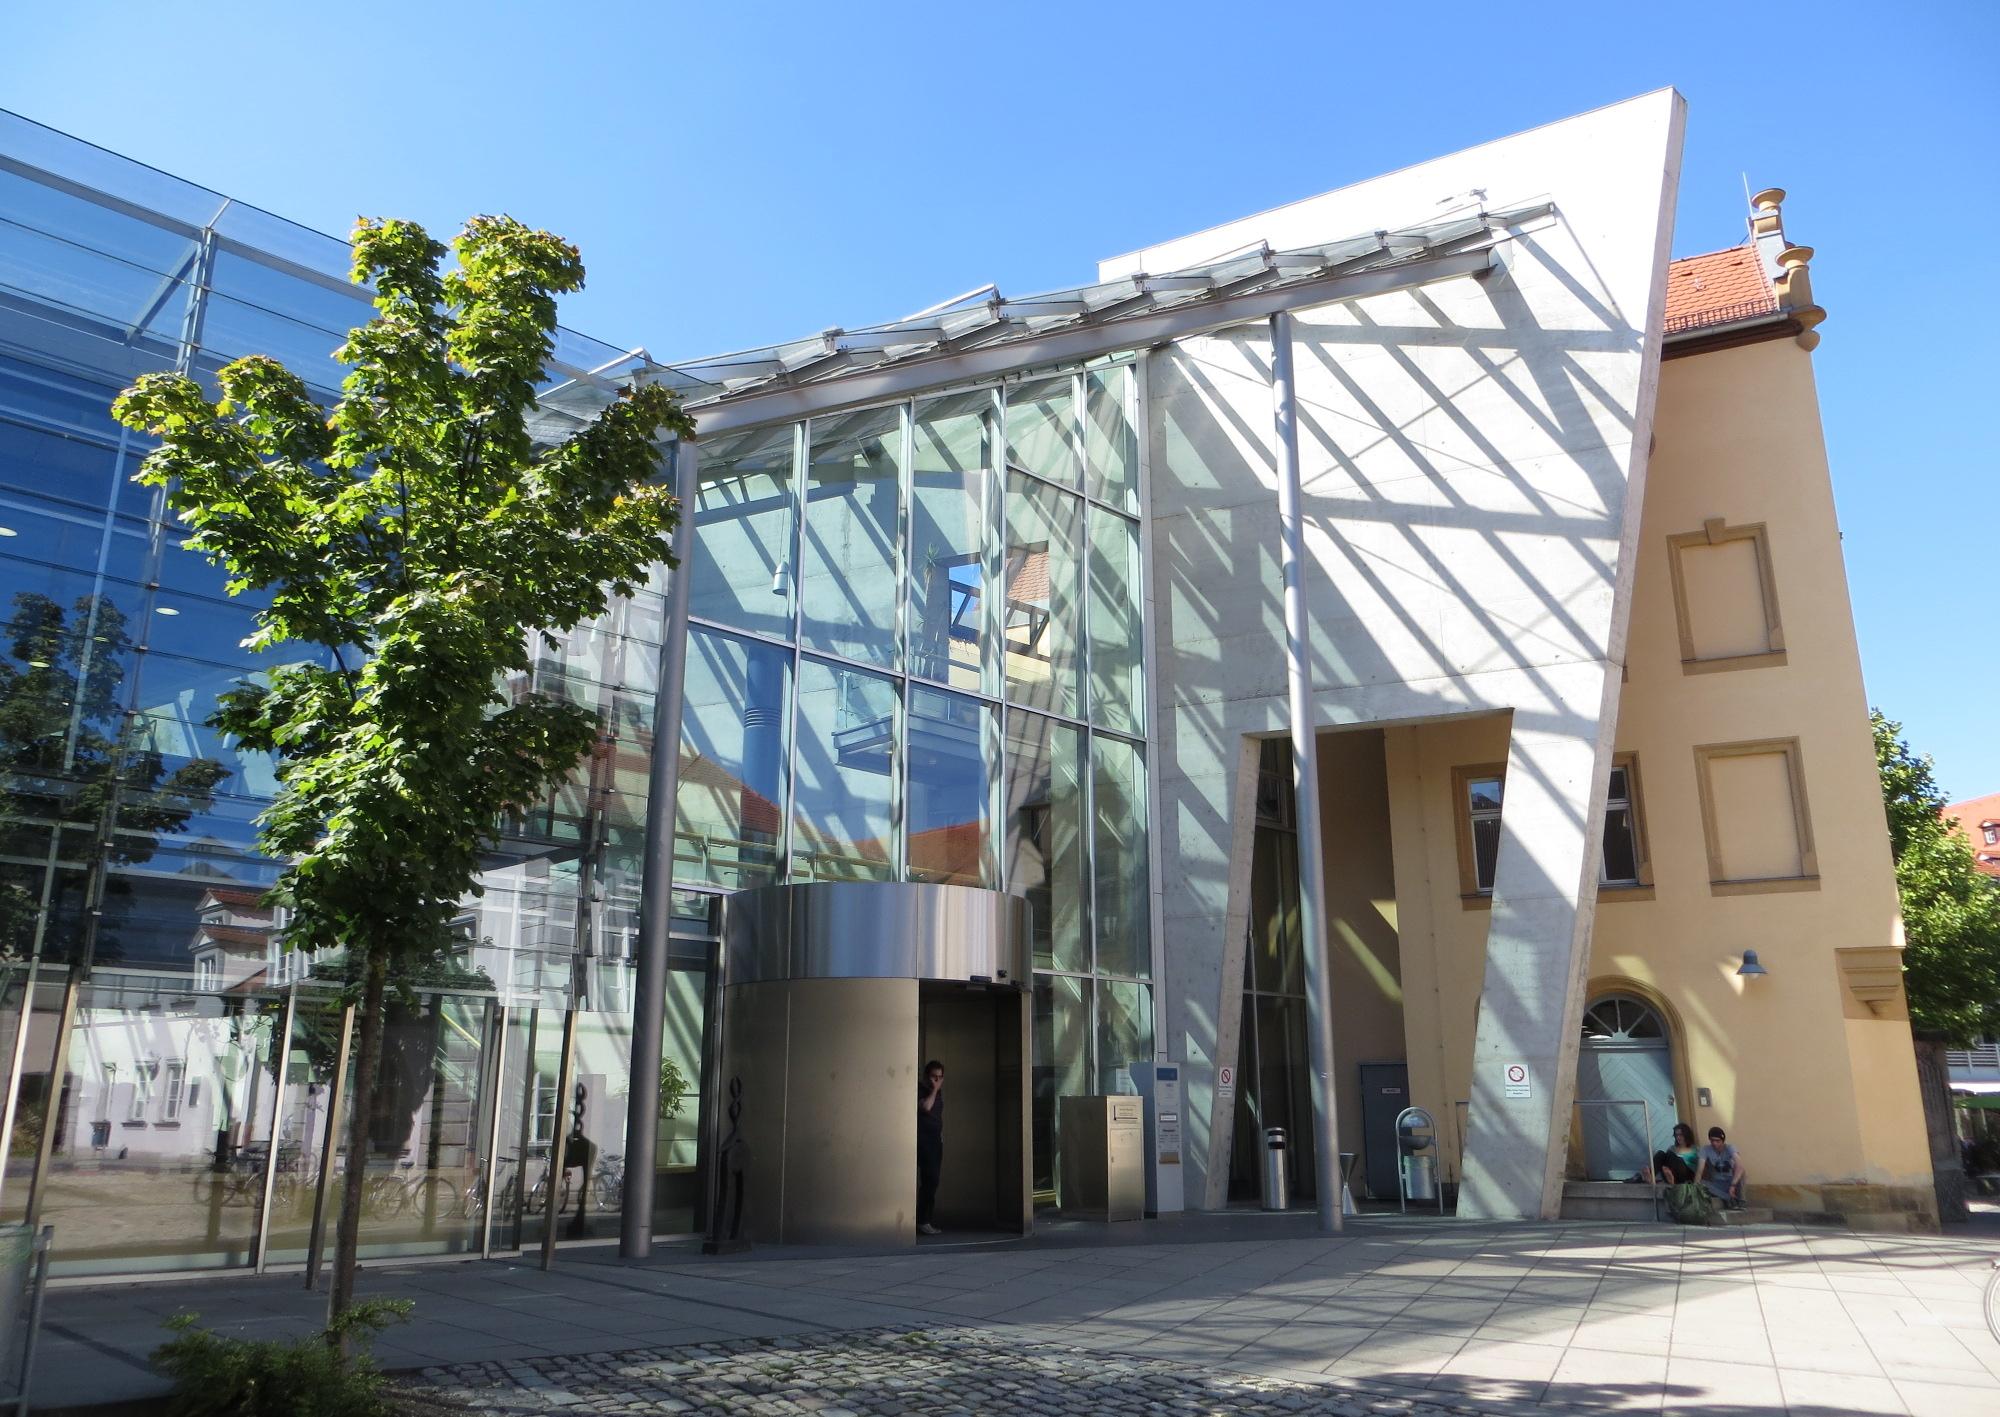 öffnungszeiten Bib Uni Regensburg